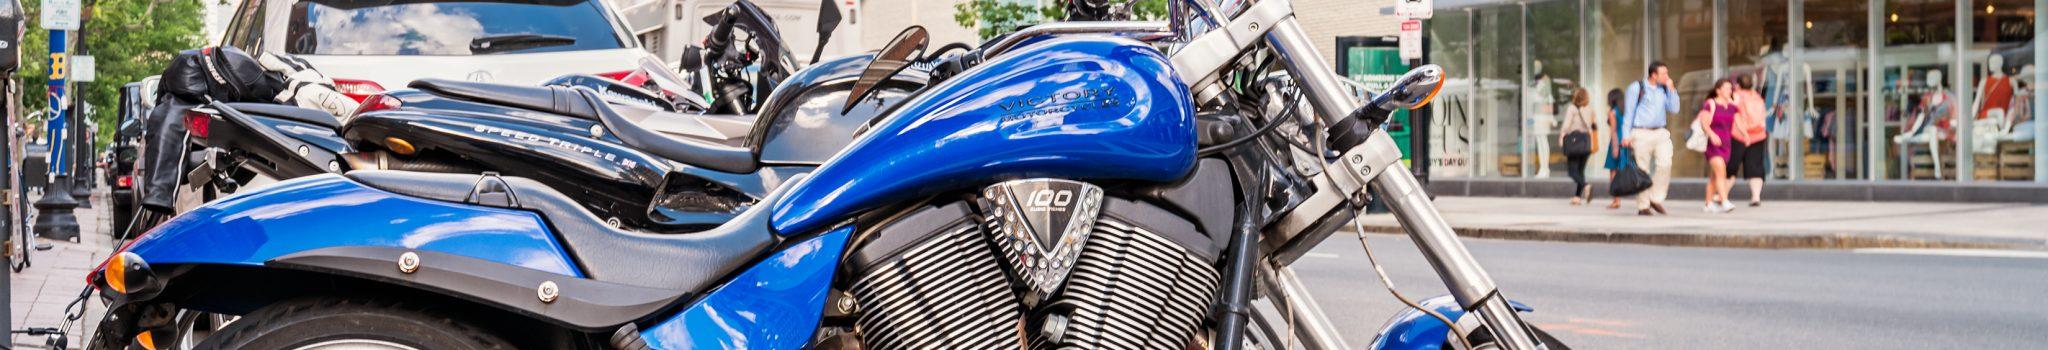 Victory Motorcycles Motorbike